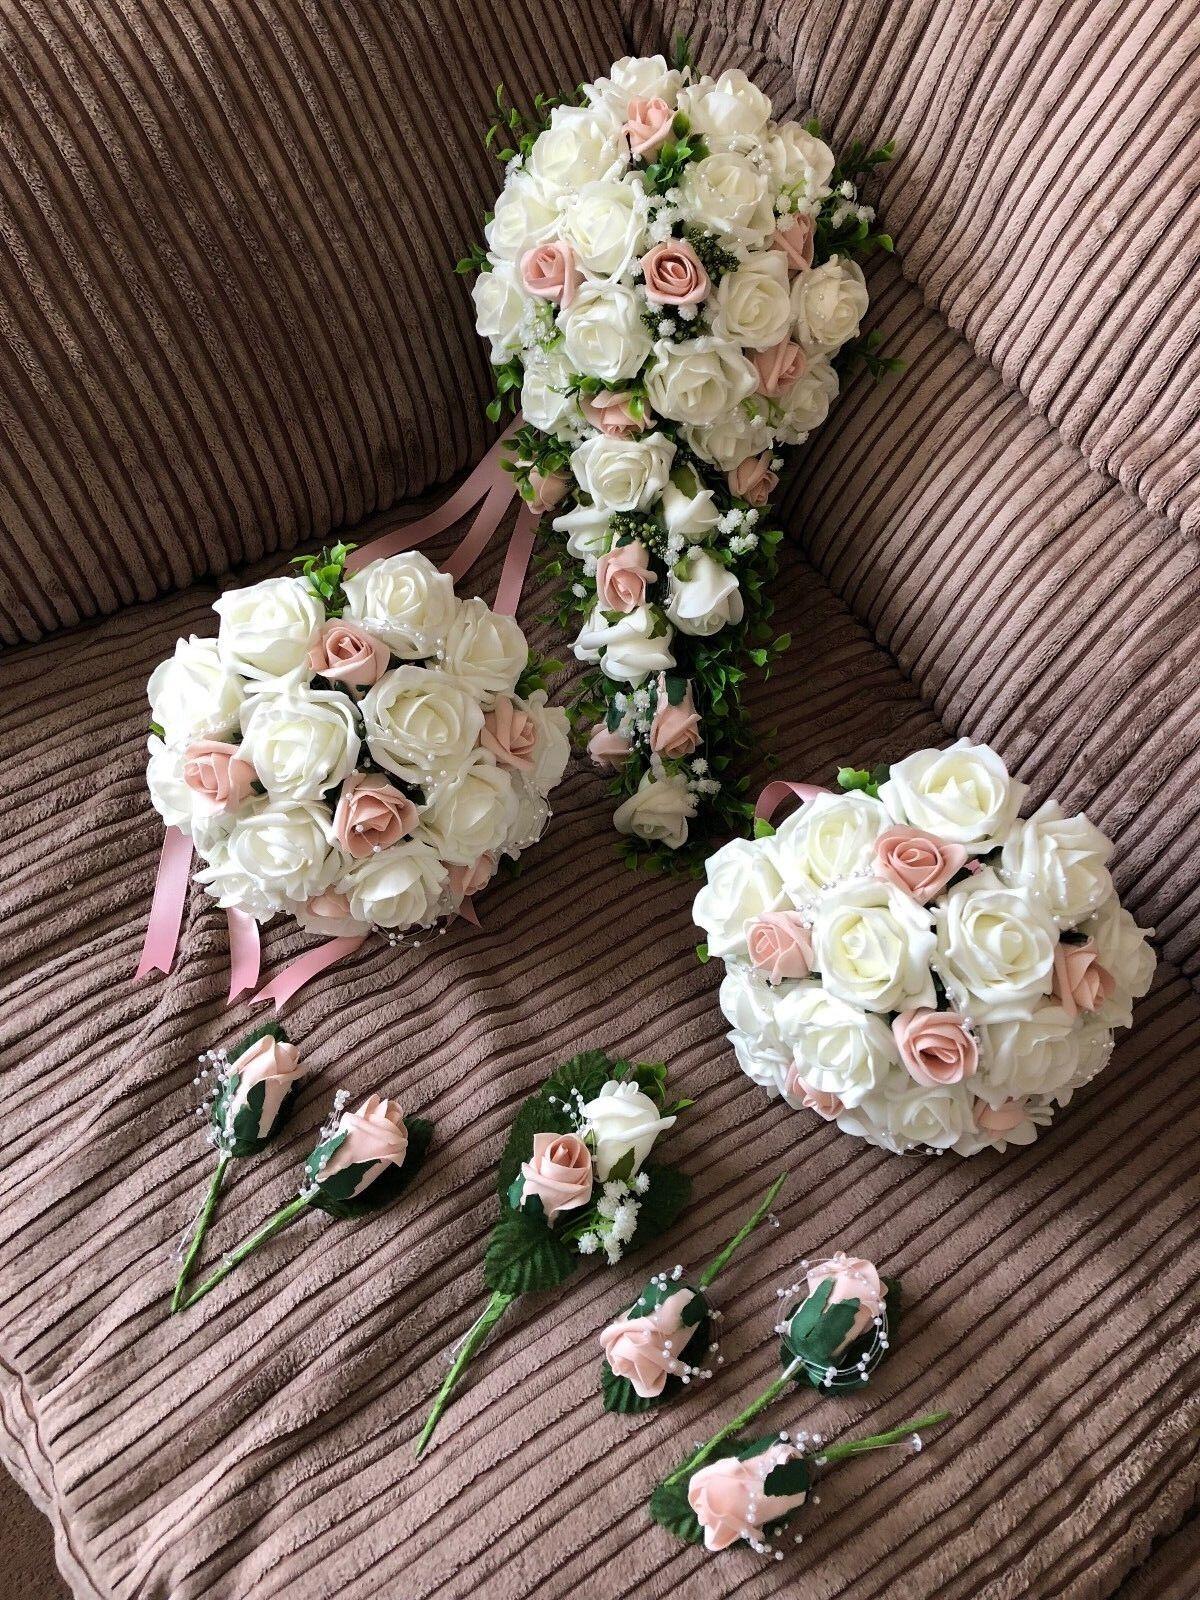 Mariage Fleurs XL bridal bouquet fleur Paquet (Bundle) Ivoire & Peach